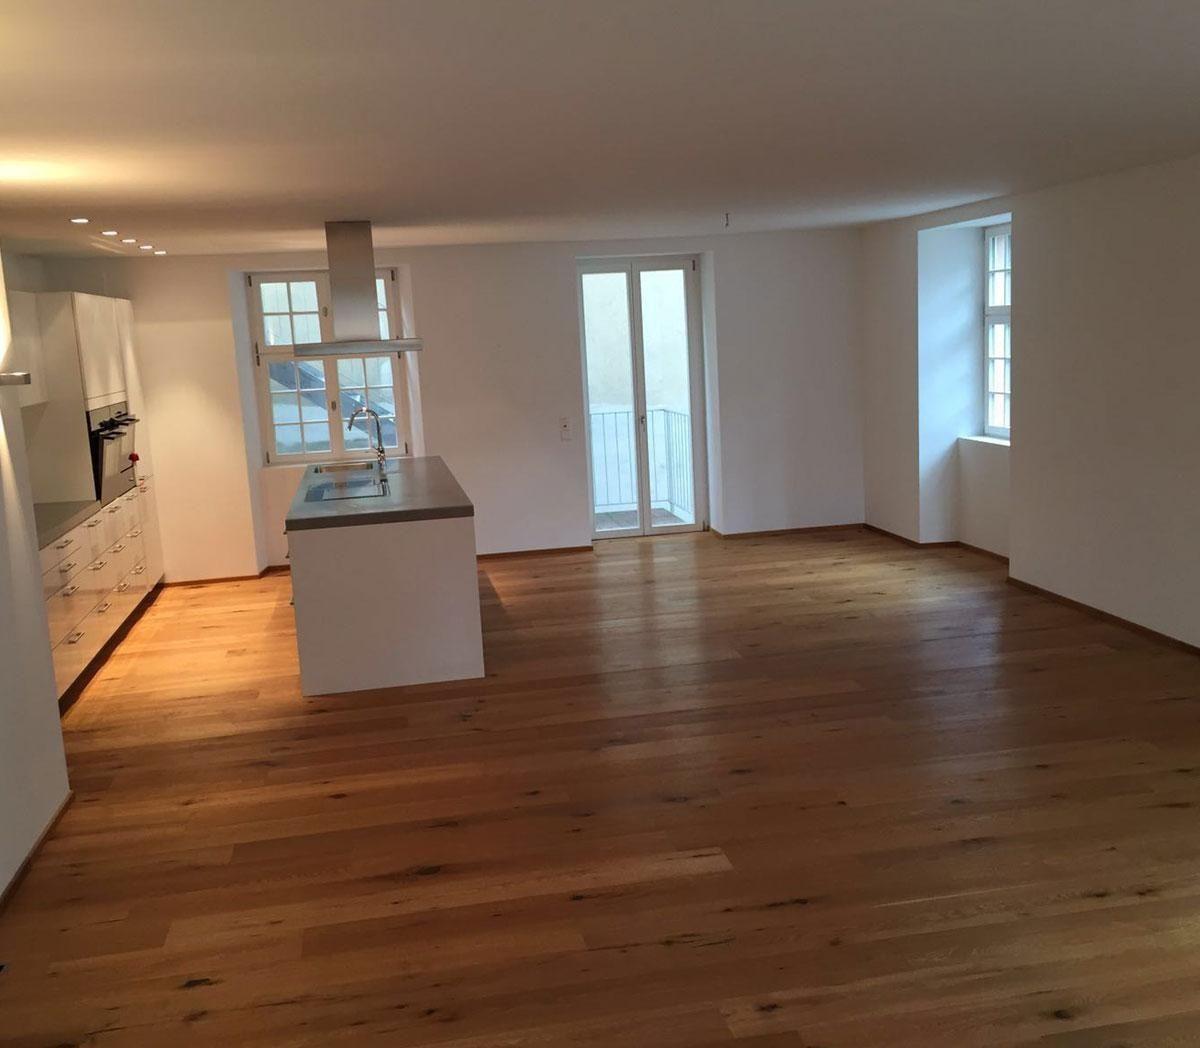 Bodenbelag Kautschuk ferrer floors ag parkett in basel reinach bodenbeläge linoleum pvc